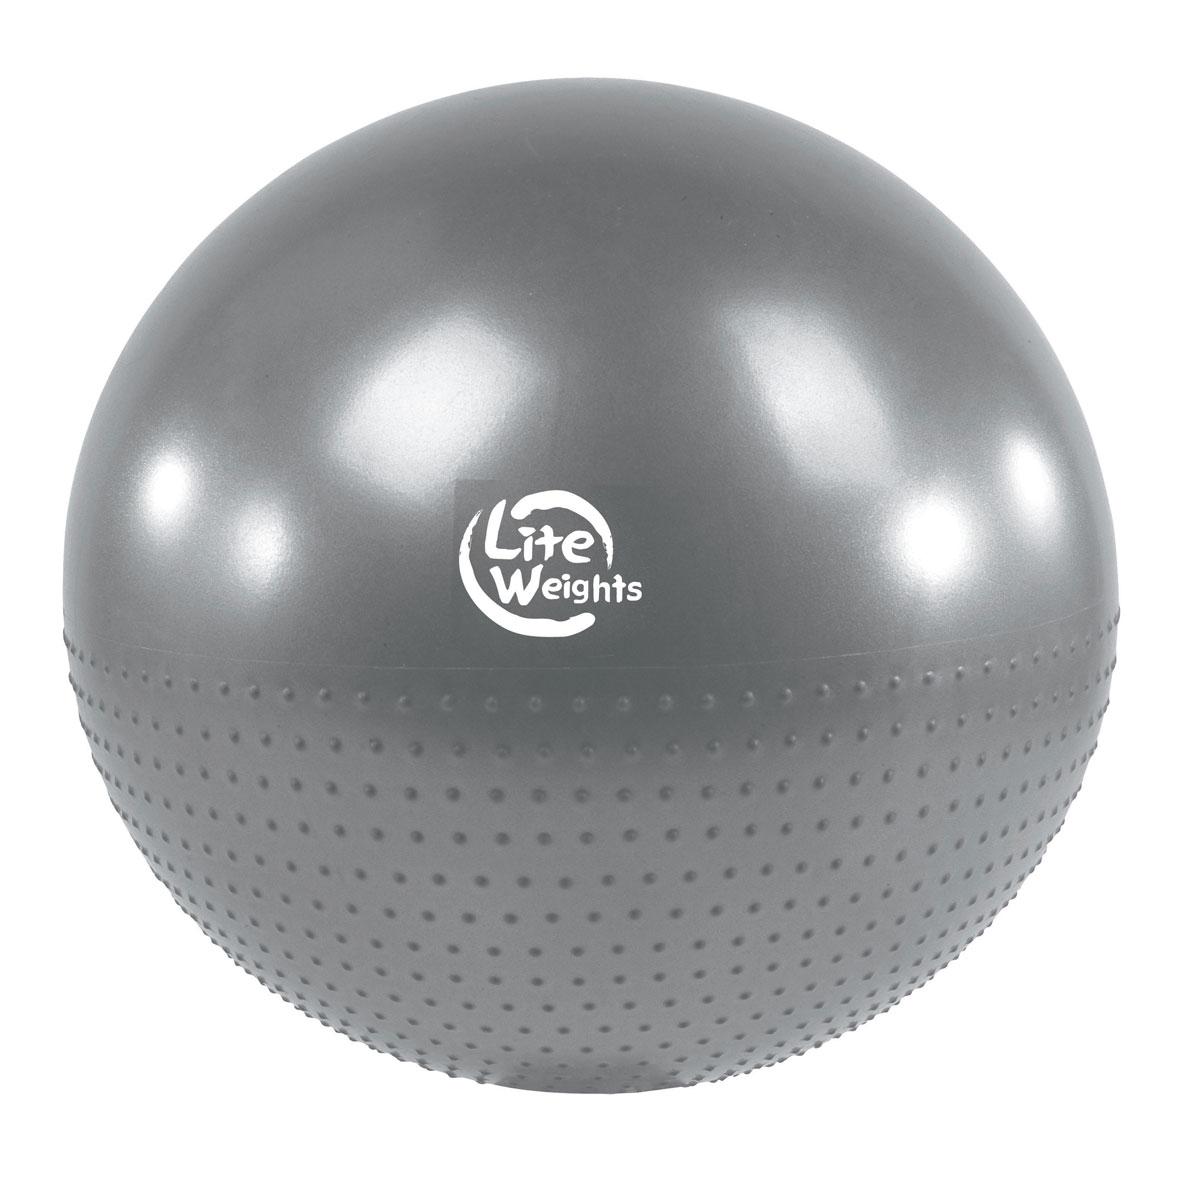 Мяч гимнастический Lite Weights, массажный, цвет: серебристо-серый, диаметр 65 смWRA523700Гимнастический мяч Lite Weights является универсальным тренажером для всех групп мышц, помогает развить гибкость, исправить осанку, снимает чувство усталости в спине.Мяч незаменим на занятиях фитнесом и физкультурой. Главная функция мяча - снять нагрузку с позвоночника и разгрузить суставы. Именно упражнения с применением гимнастических мячей способны тренировать спину и улучшать осанку, бороться с искривлениями позвоночника, в особенности у детей и подростков. Массажные гимнастические мячи обеспечивают одновременные массаж и тренировку мышц туловища и конечностей, улучшая тонус и увеличивая силу мышц, а также способствуют укреплению кровеносно-сосудистой системы. Гимнастические мячи могут использоваться также при массаже новорожденных. Преимущества мяча:- снабжен системой антивзрыв - специальная технология, предупреждающая мяч от разрыва при сильной нагрузке; - способствует развитию и укреплению мышц спины, пресса, ног и рук;- используется при занятиях гимнастикой, аэробикой, фитнесом, а также для оздоровительного массажа;- способствует восстановлению мышечных функций и улучшению здоровья в целом;- максимальный вес пользователя: 100 кг.УВАЖЕМЫЕ КЛИЕНТЫ!Обращаем ваше внимание на тот факт, что мяч поставляется в сдутом виде. Насос входит в комплект.